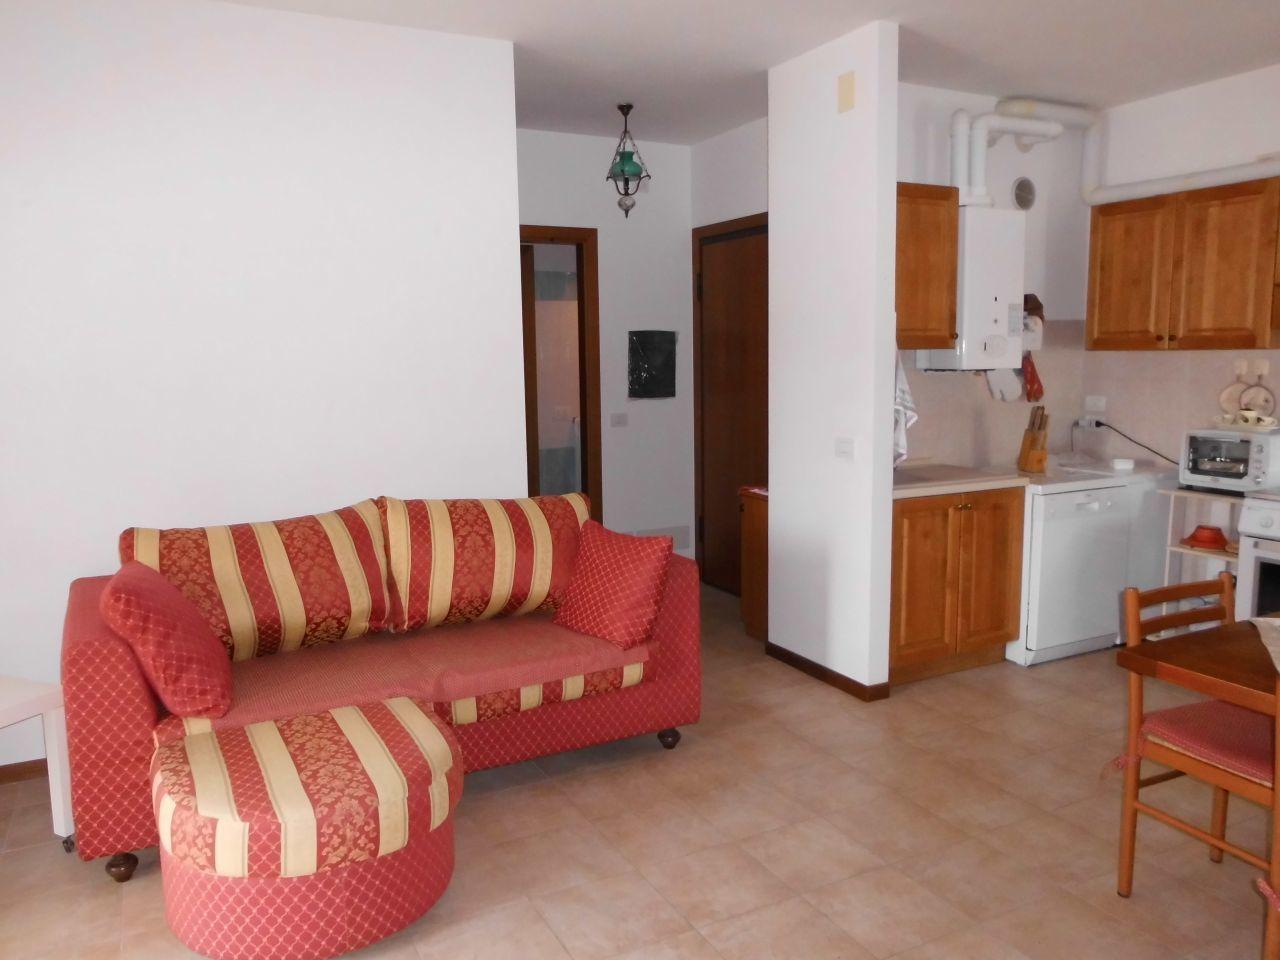 Appartamento in vendita a Castelbellino, 3 locali, prezzo € 80.000 | Cambio Casa.it